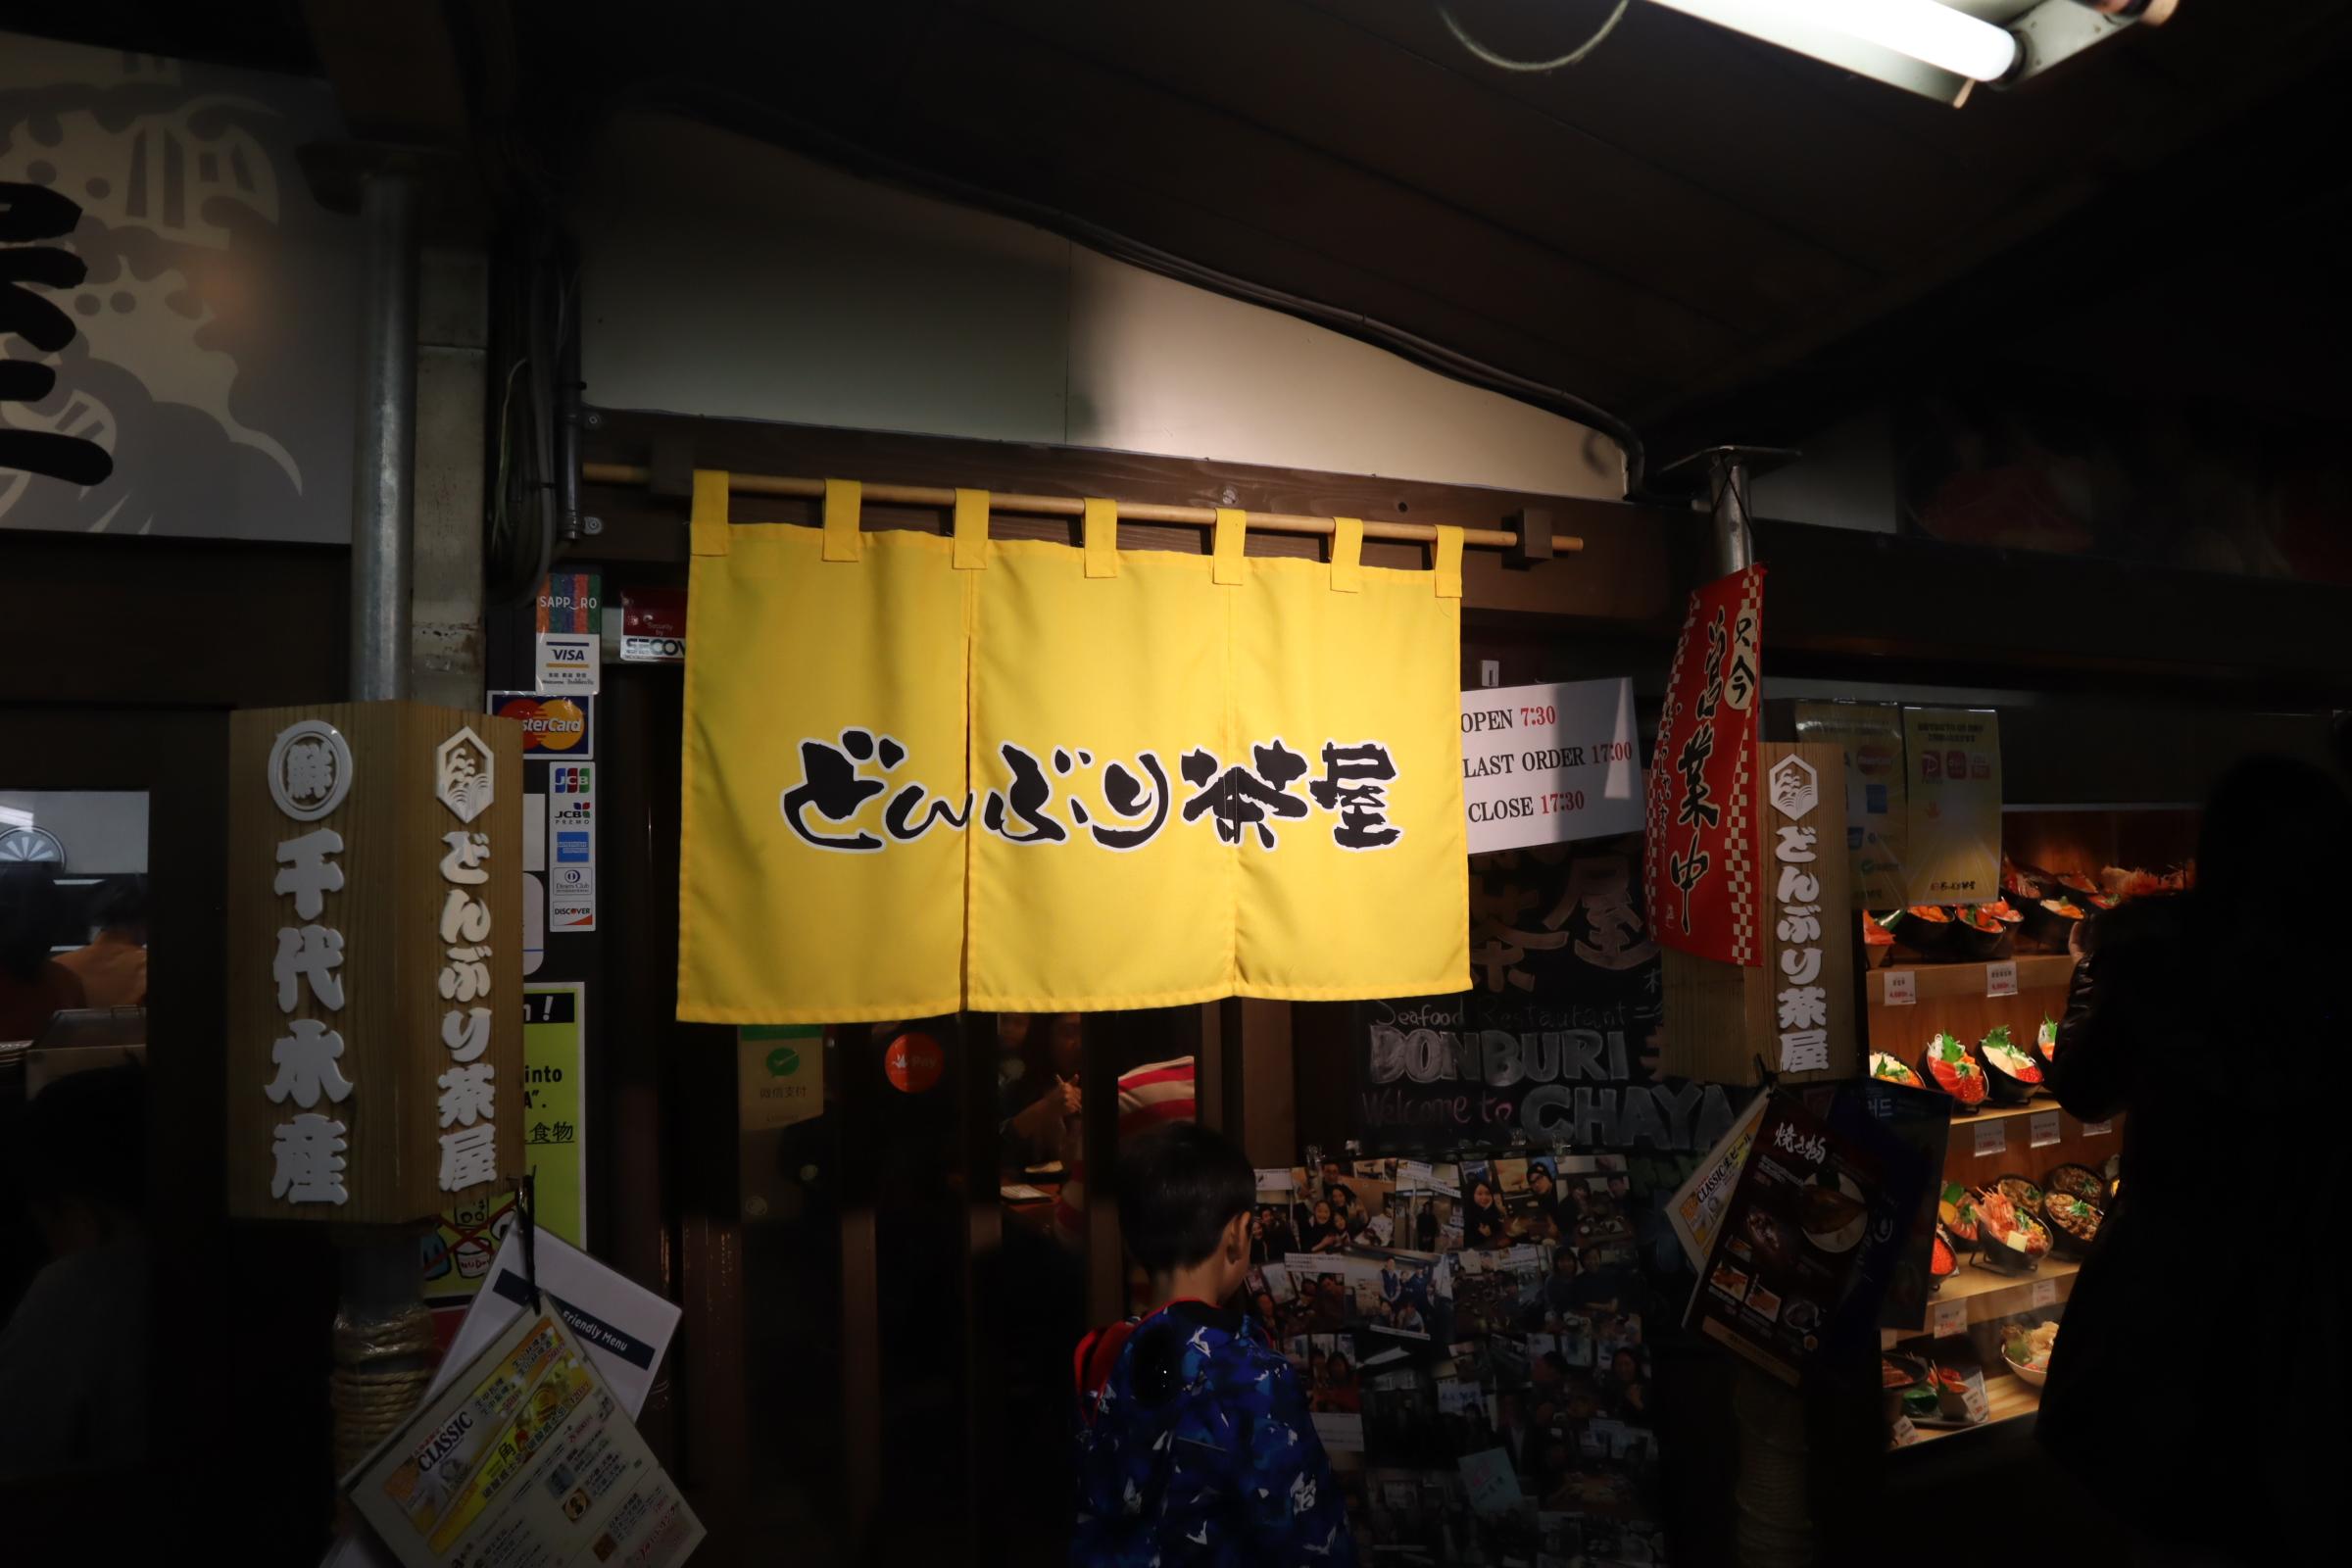 名古屋から北海道日帰り旅行ができる!中部国際空港セントレア発、スカイマークの飛行機がオススメ - IMG 6664